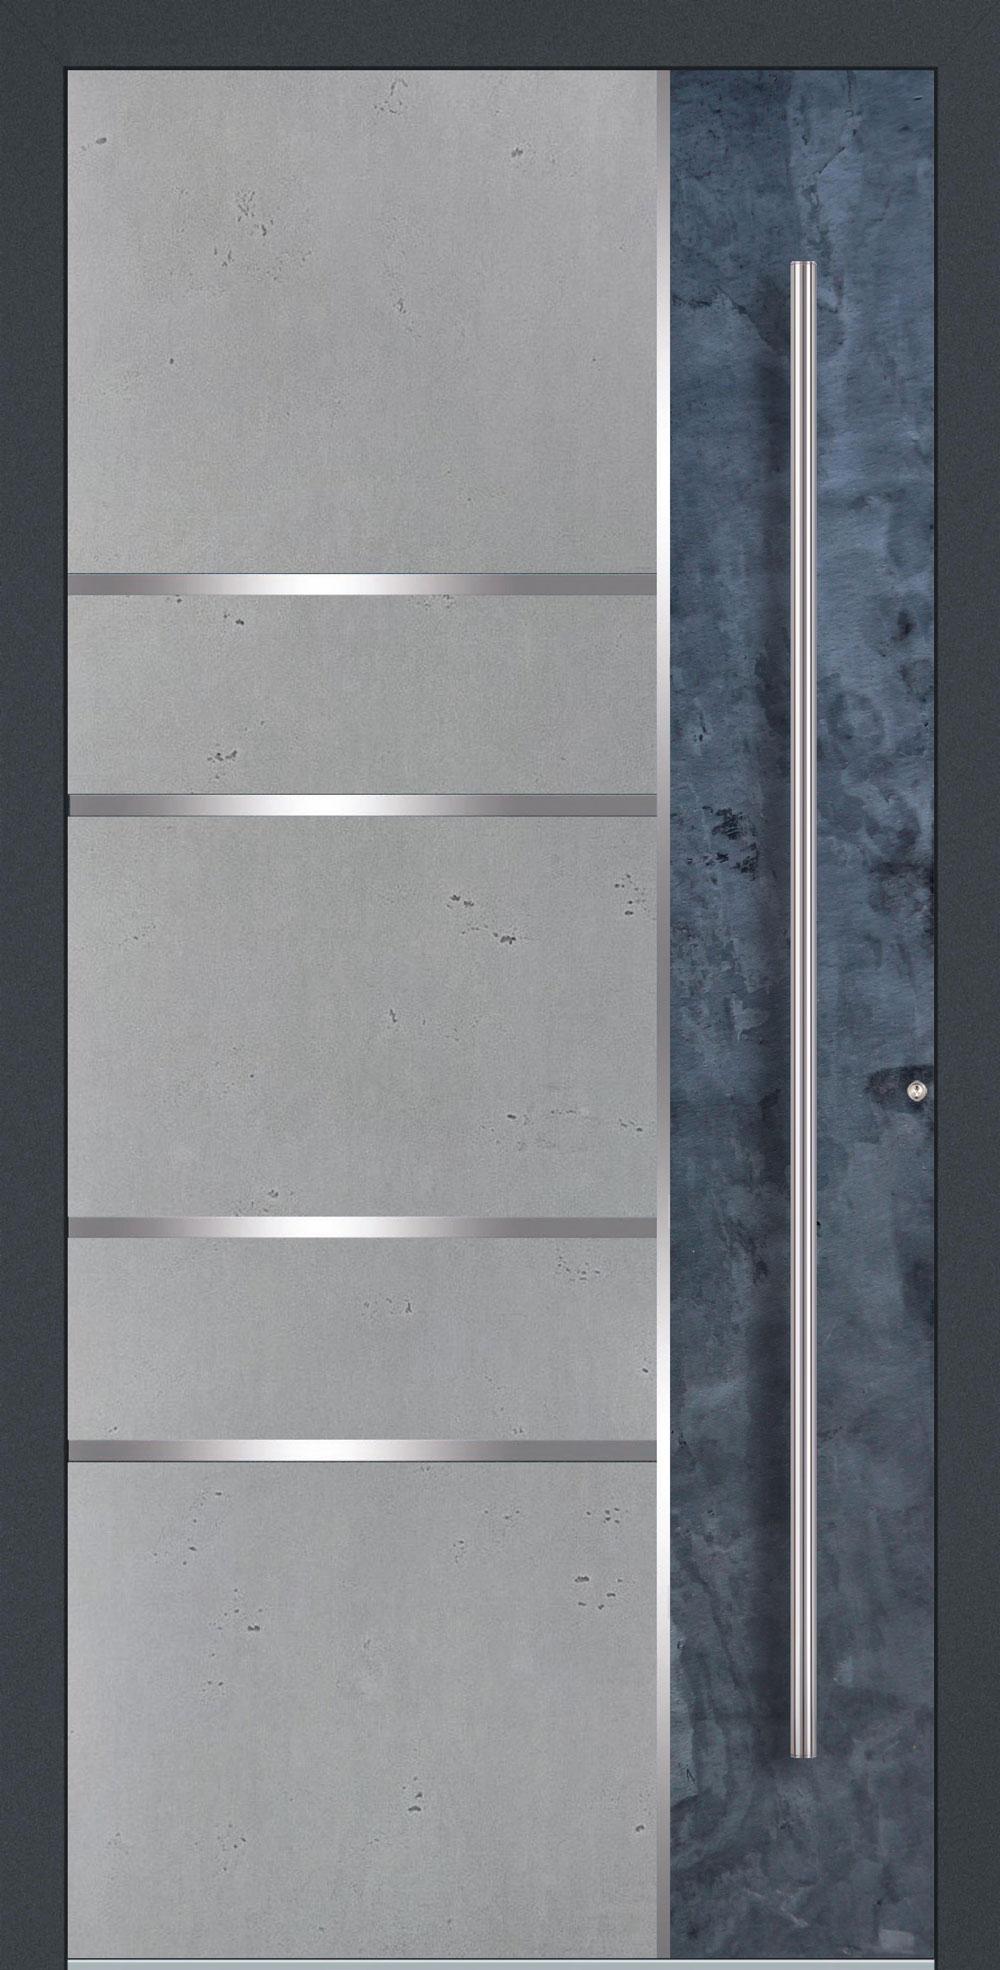 BES02 komplett geschlossen Betonoptik Vintage mit Echtschiefer- Applikation & Streifen in Edelstahl-Optik einseitig außen Anwendungsbeispiel in flügelüberdeckend, Edelstahlgriff 1600 ES